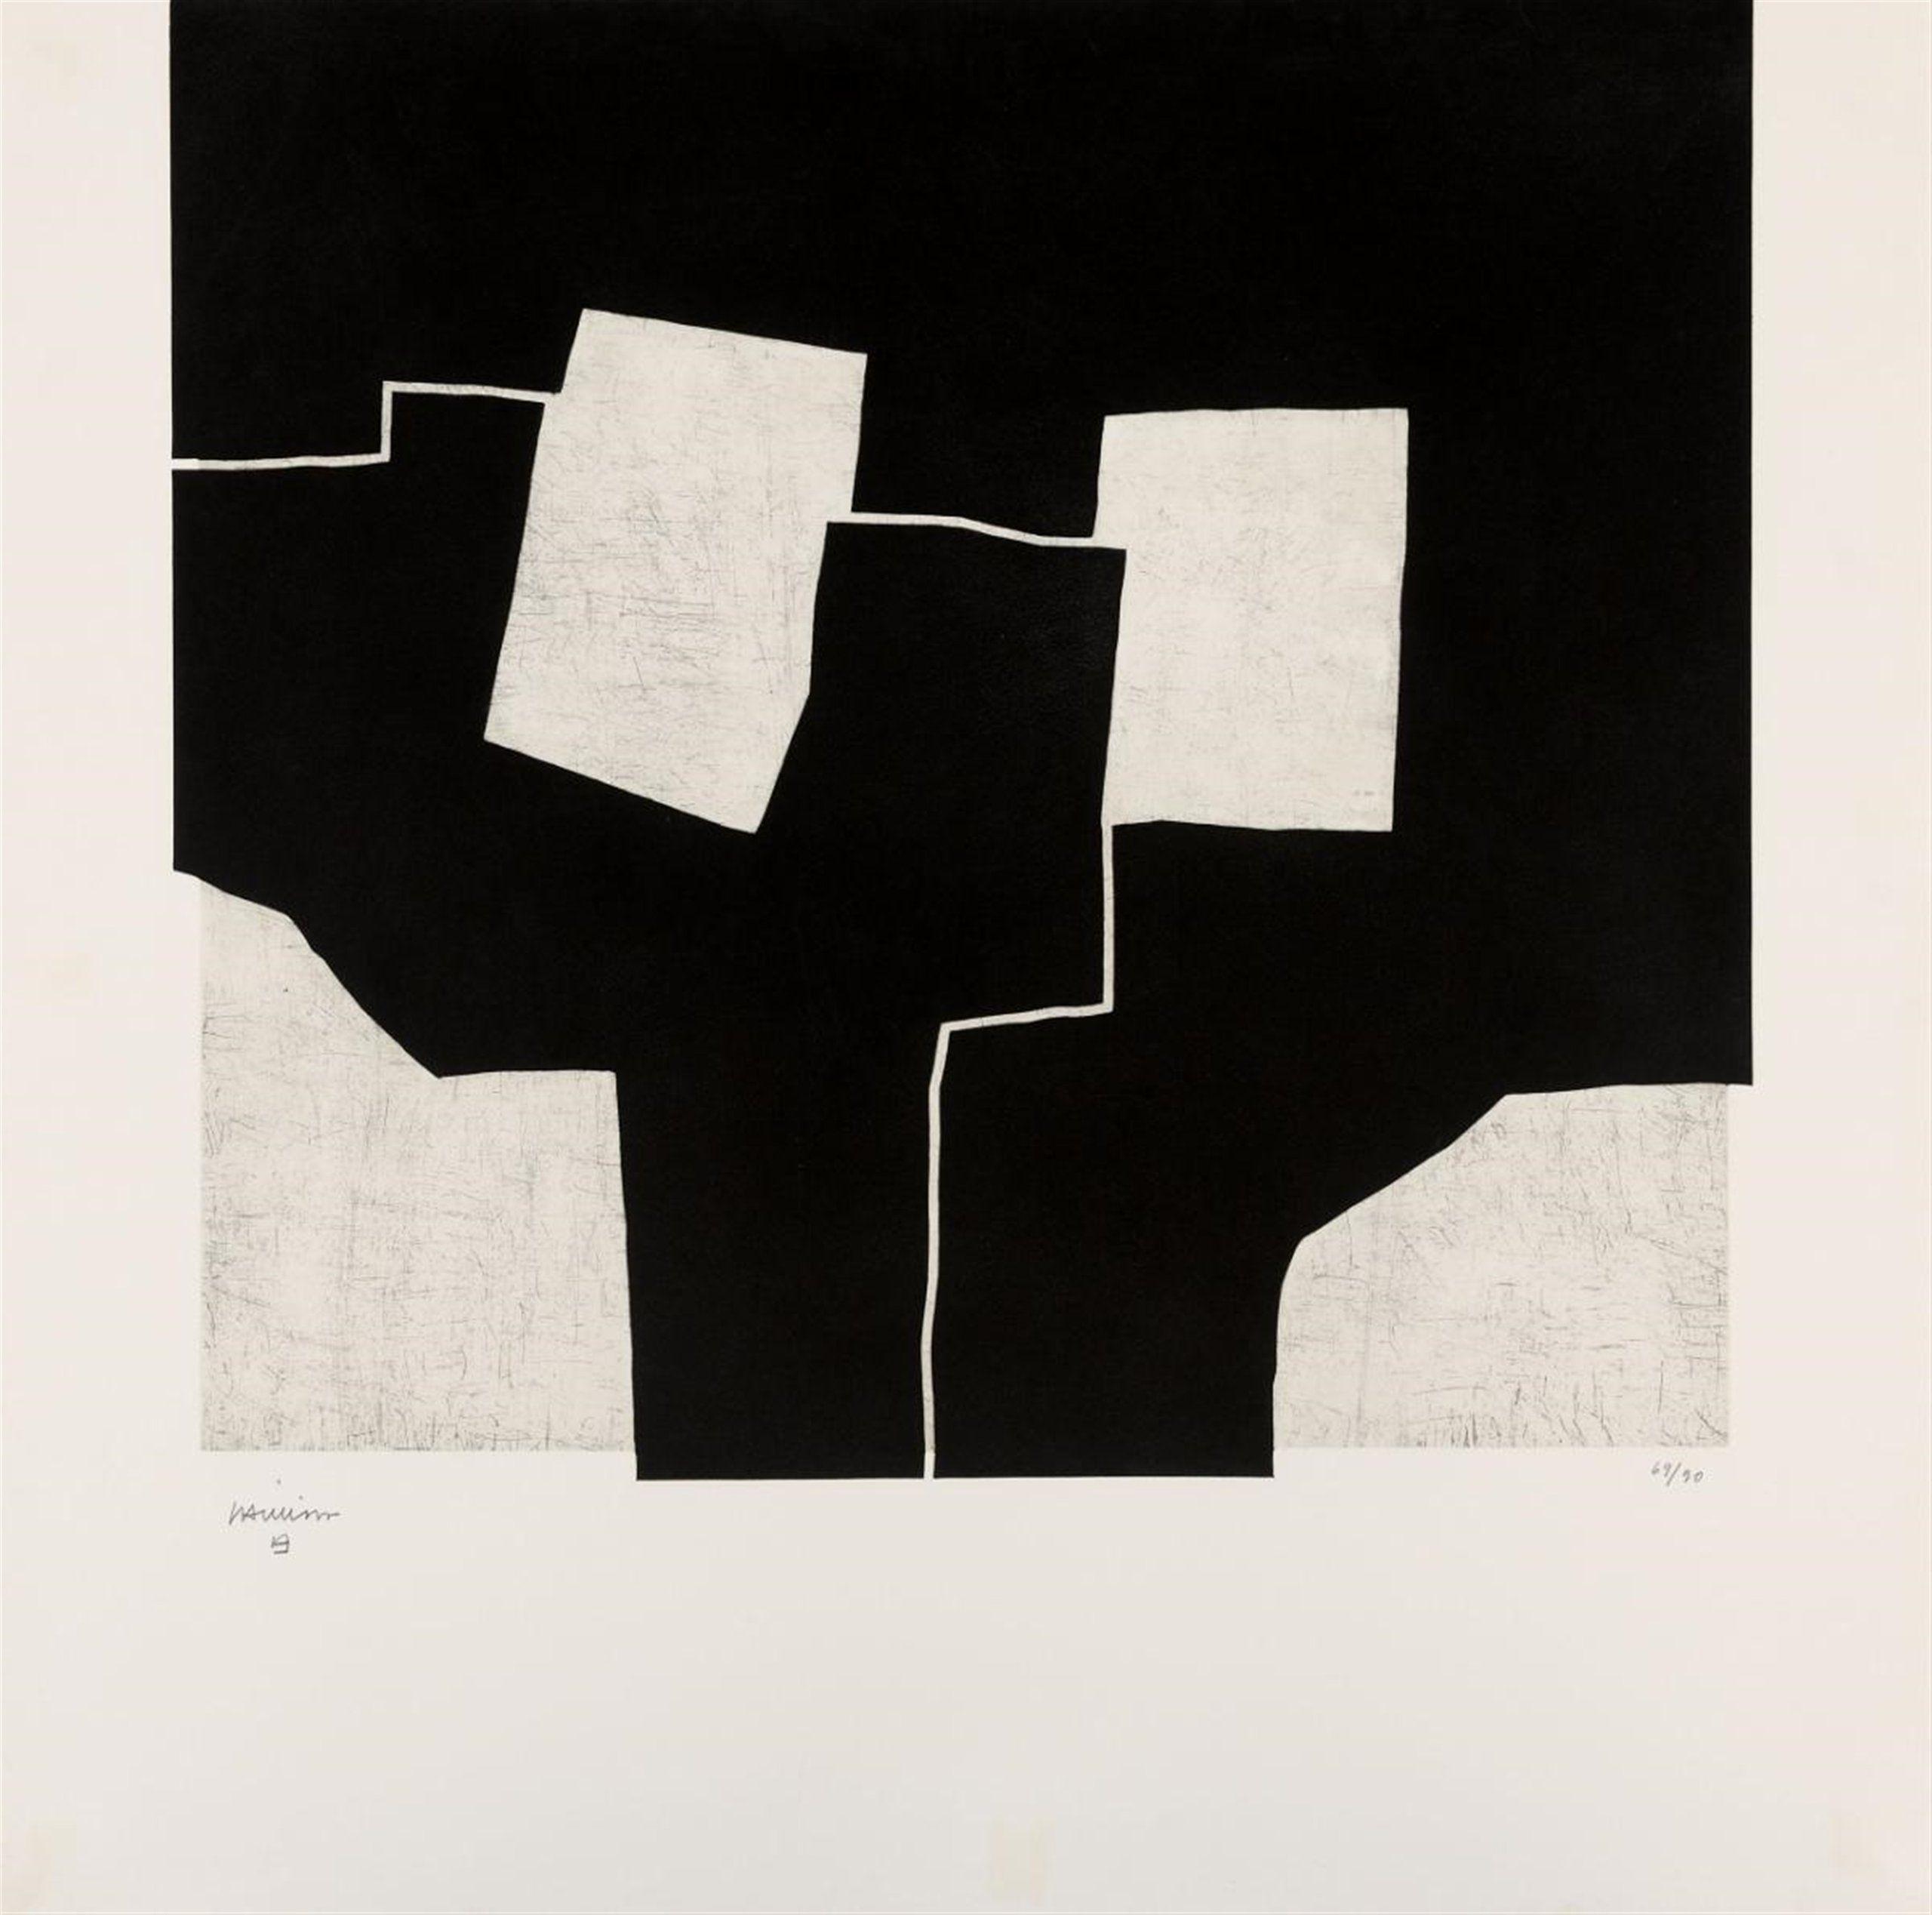 Eduardo Chillida Urrutiko 1972 Auction 1014 Contemporary Art May 24 2013 Lot 436 Les Arts Peintures Art Abstrait Lithographie